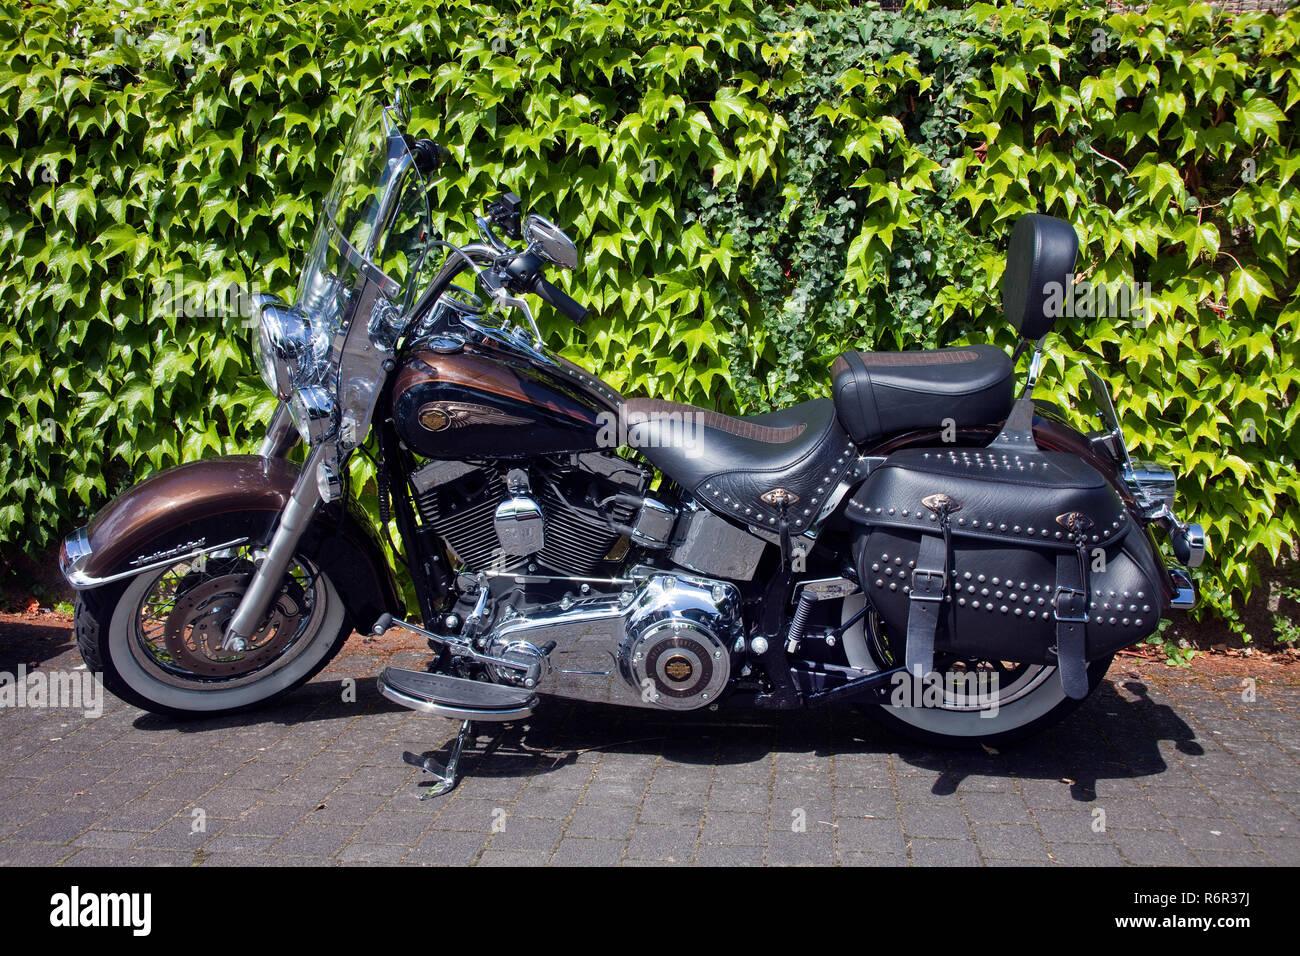 Harley & Wein in Uerzig, Harley-Treffen zum Weinfest, mehr als 1000 Harley Davidson in Uerzig, Mittelmosel, Rheinland-Pfalz, Landkreis Bernkastel-Witt - Stock Image